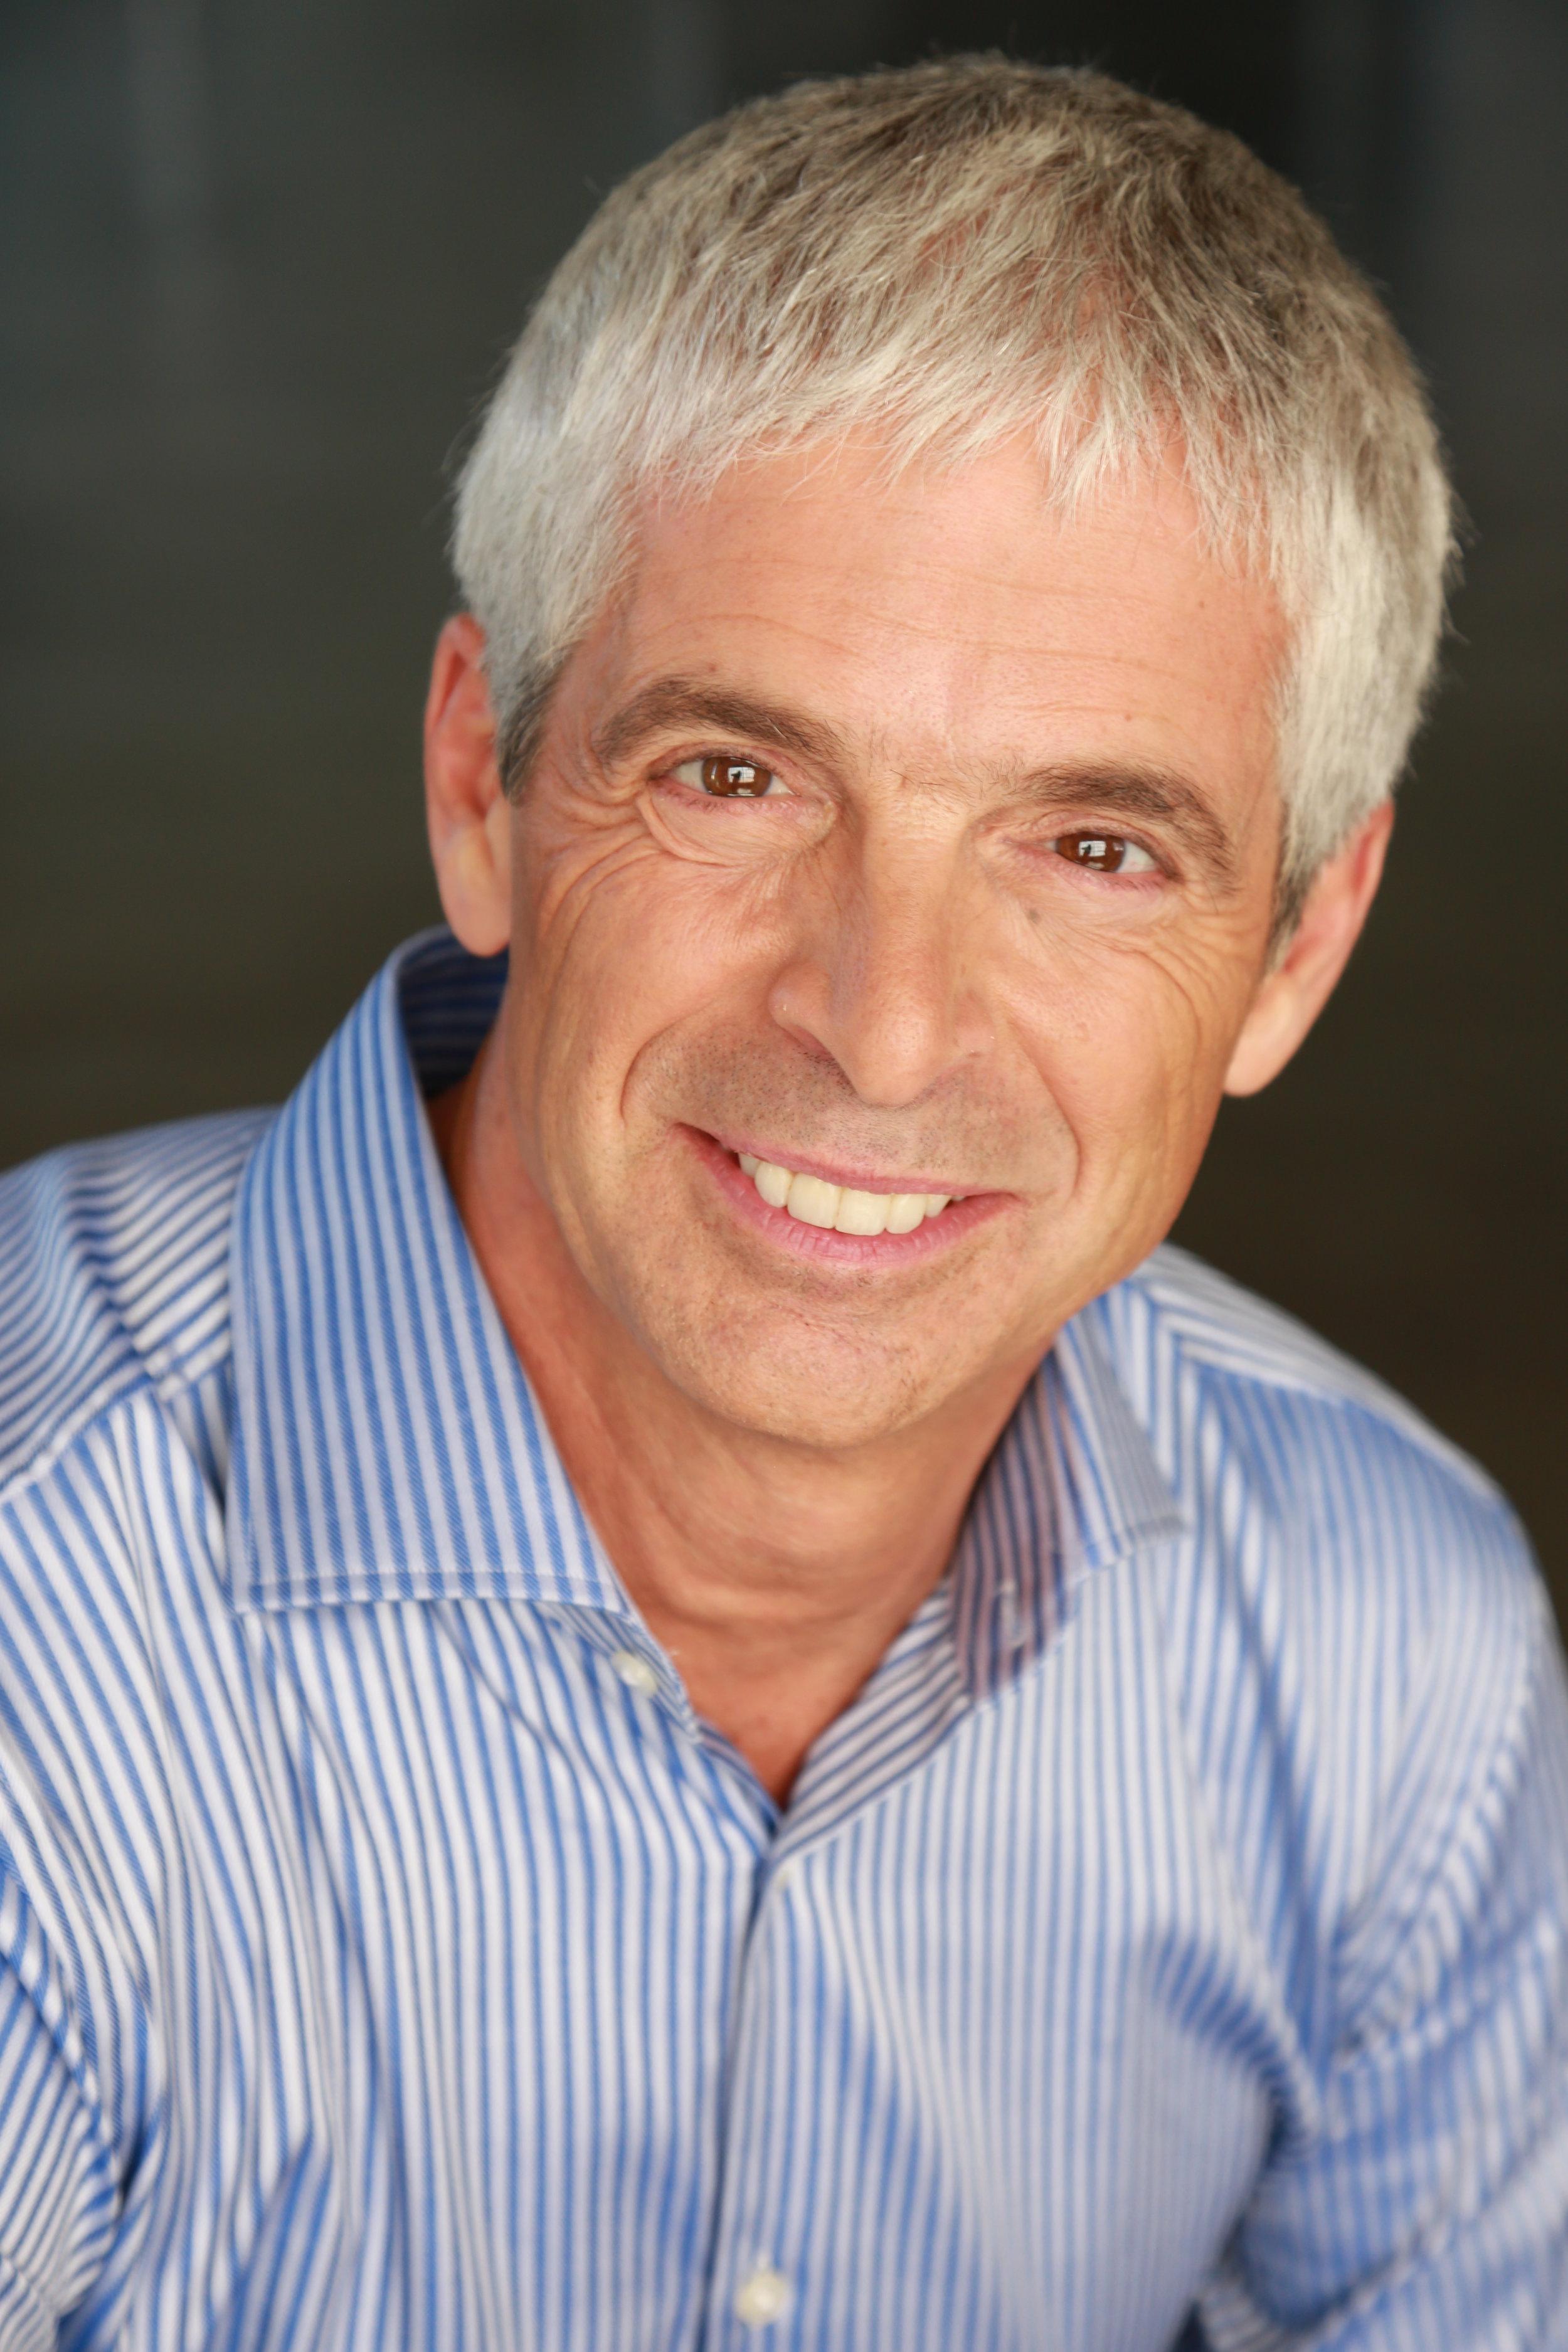 Dr. Tom O'Bryan Headshot 4.jpg